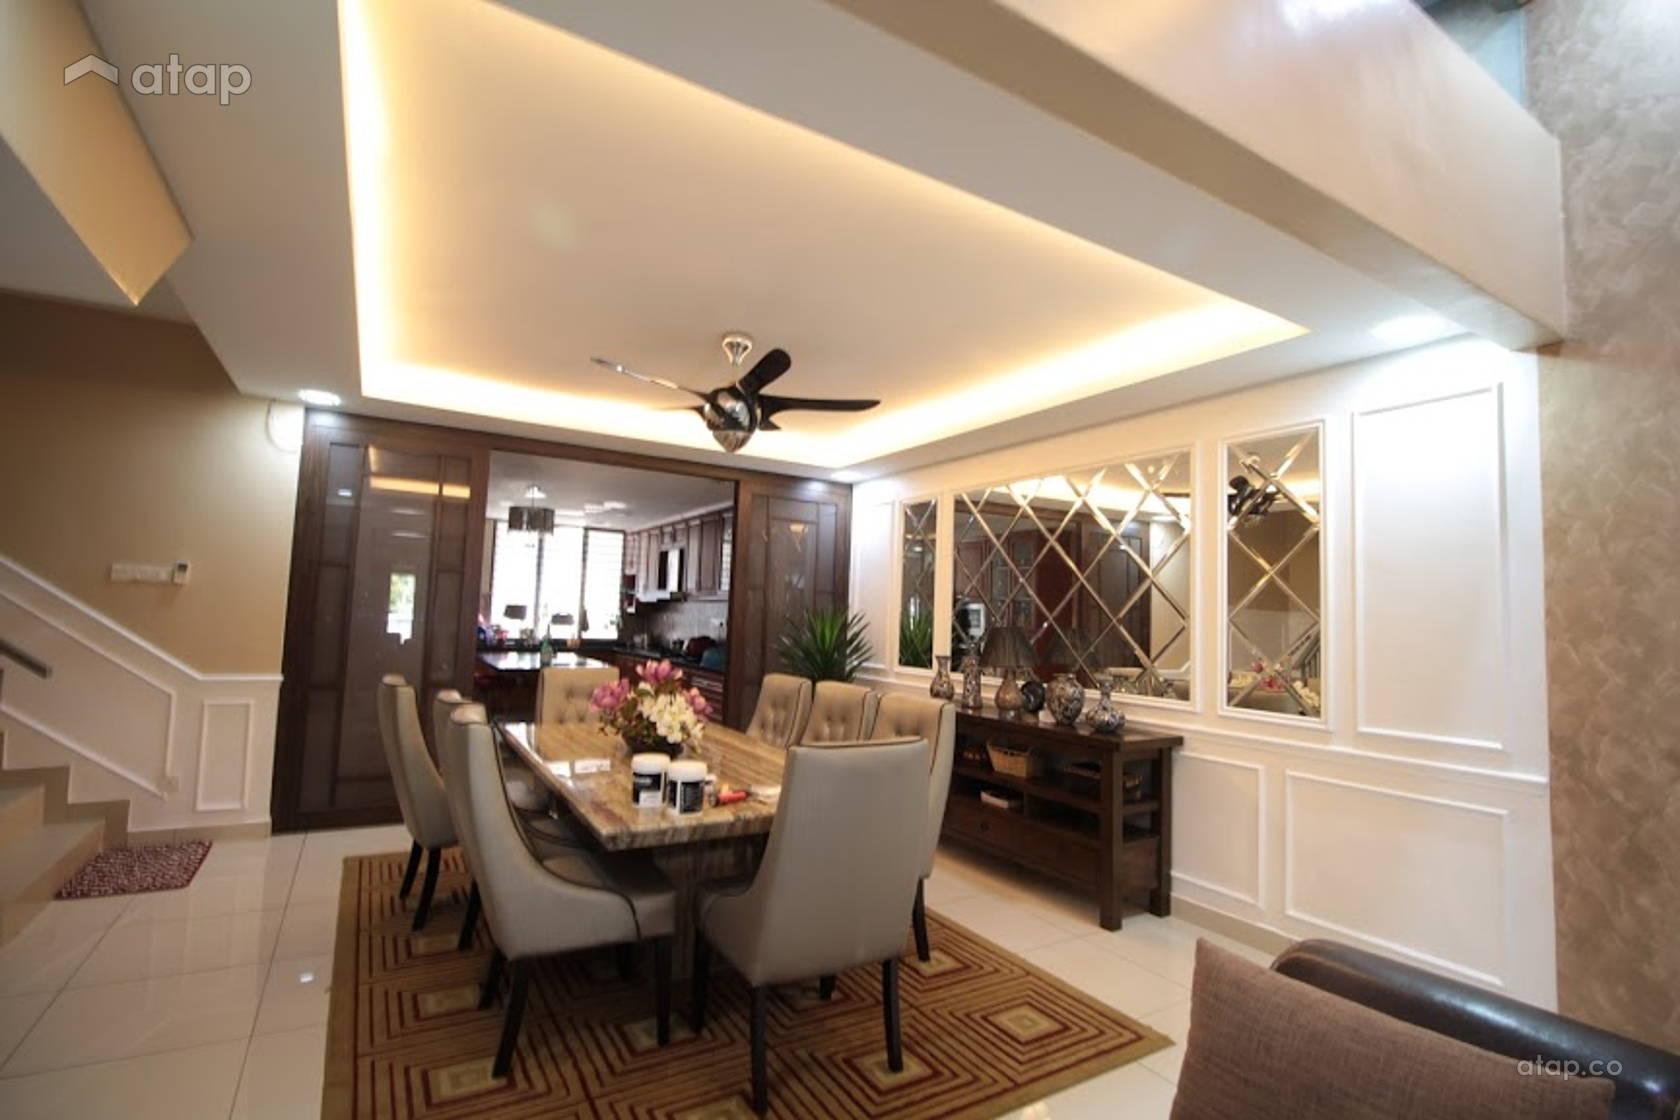 Clic Modern Dining Room terrace design ideas & photos Malaysia ... on